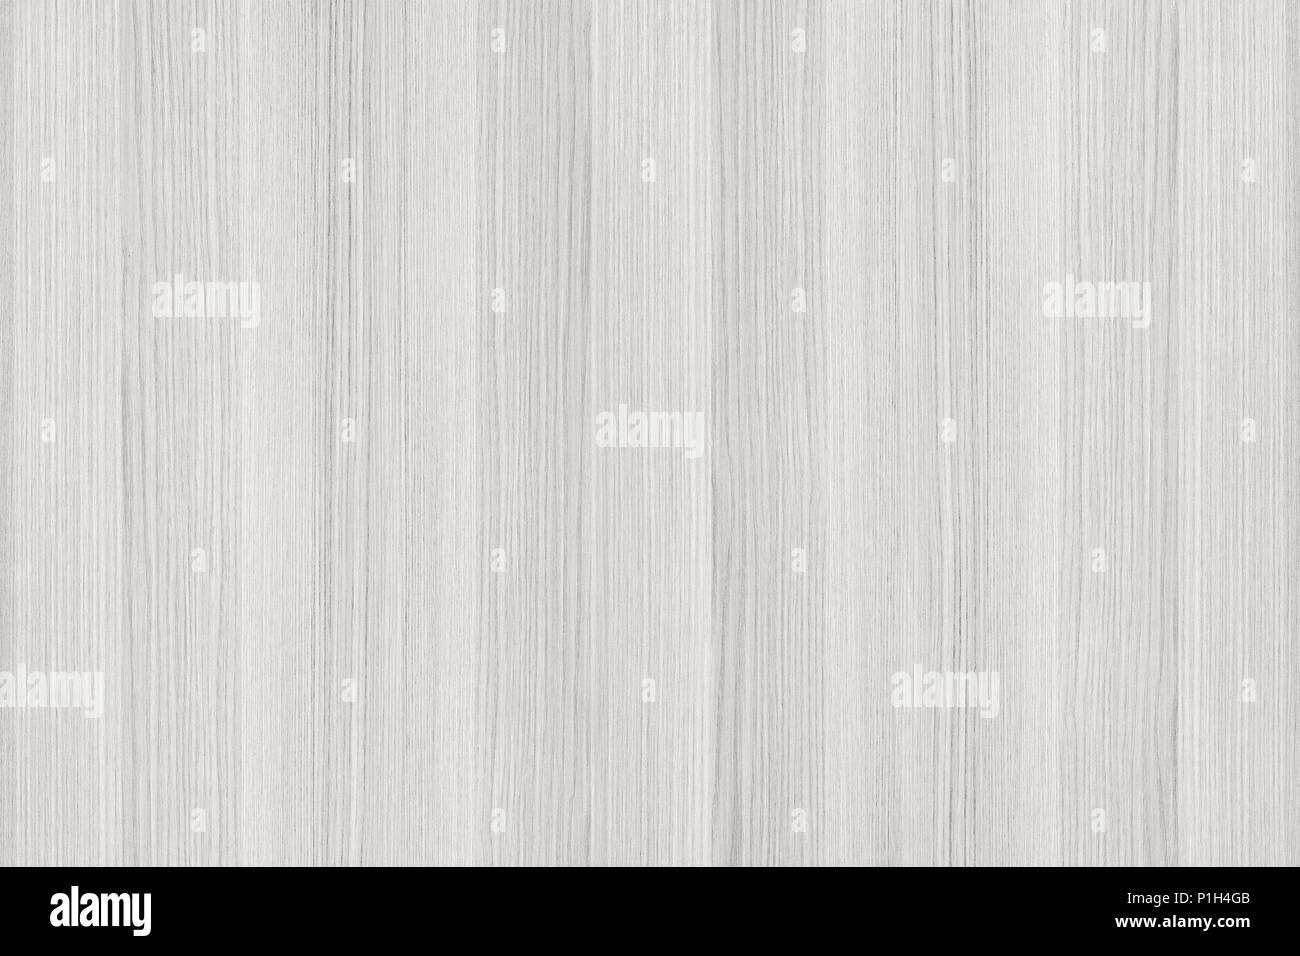 Legno Bianco Vintage : Bianco lavato tavole di legno vintage bianco parete in legno